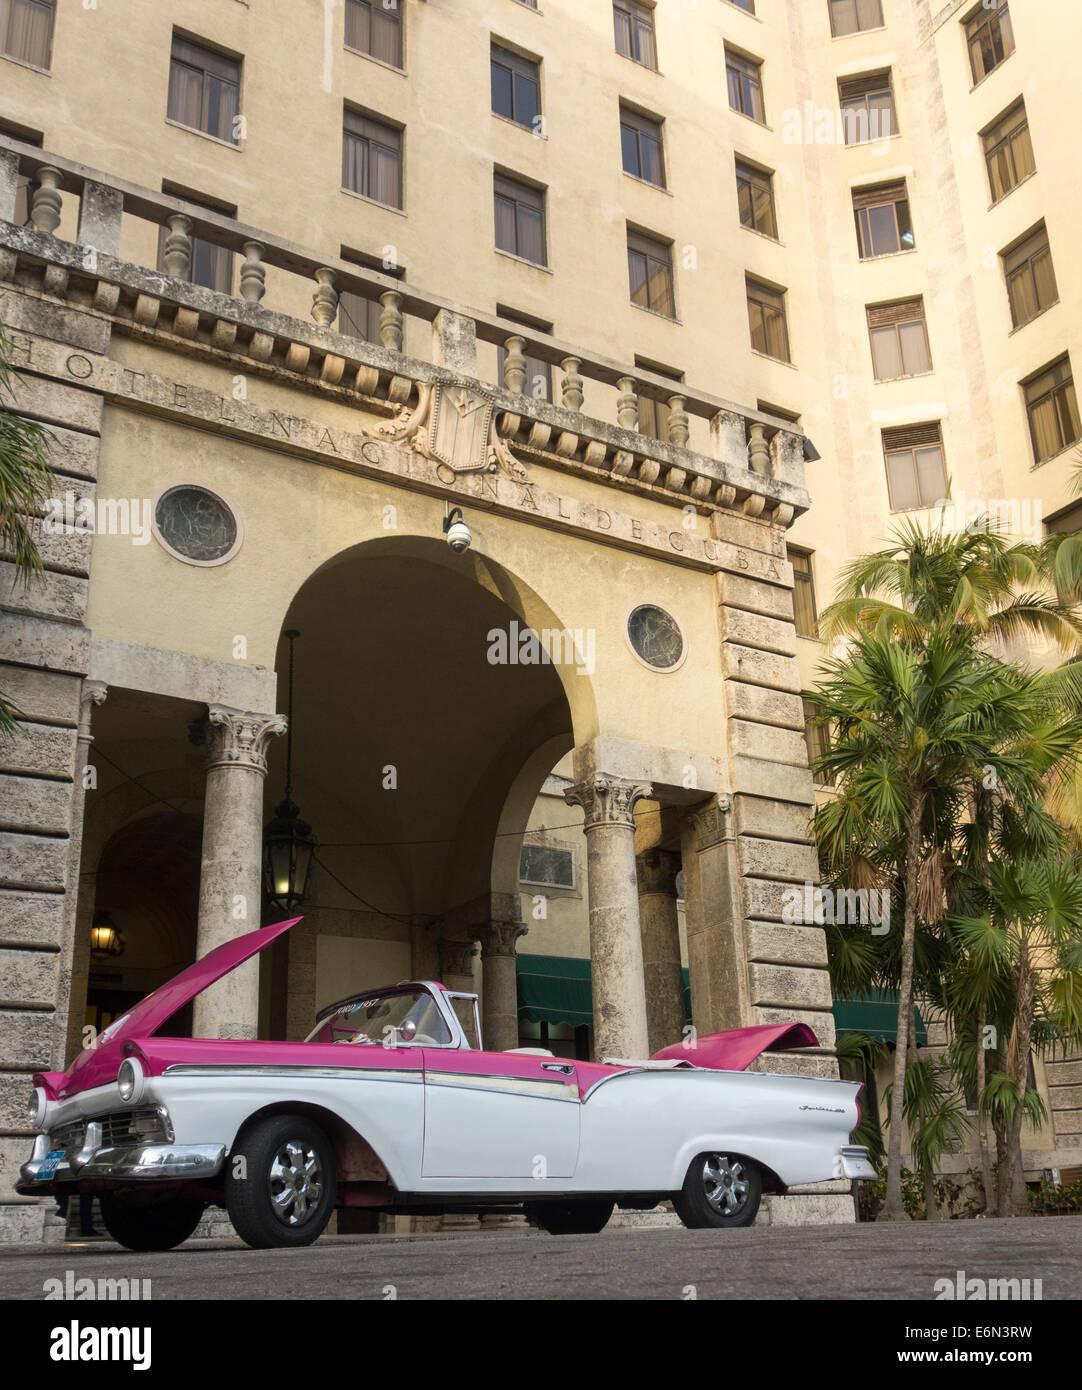 Vecchia degli anni cinquanta Ford Fairlane 600 auto, l'Hotel Nacional de Cuba, La Habana, Cuba Immagini Stock